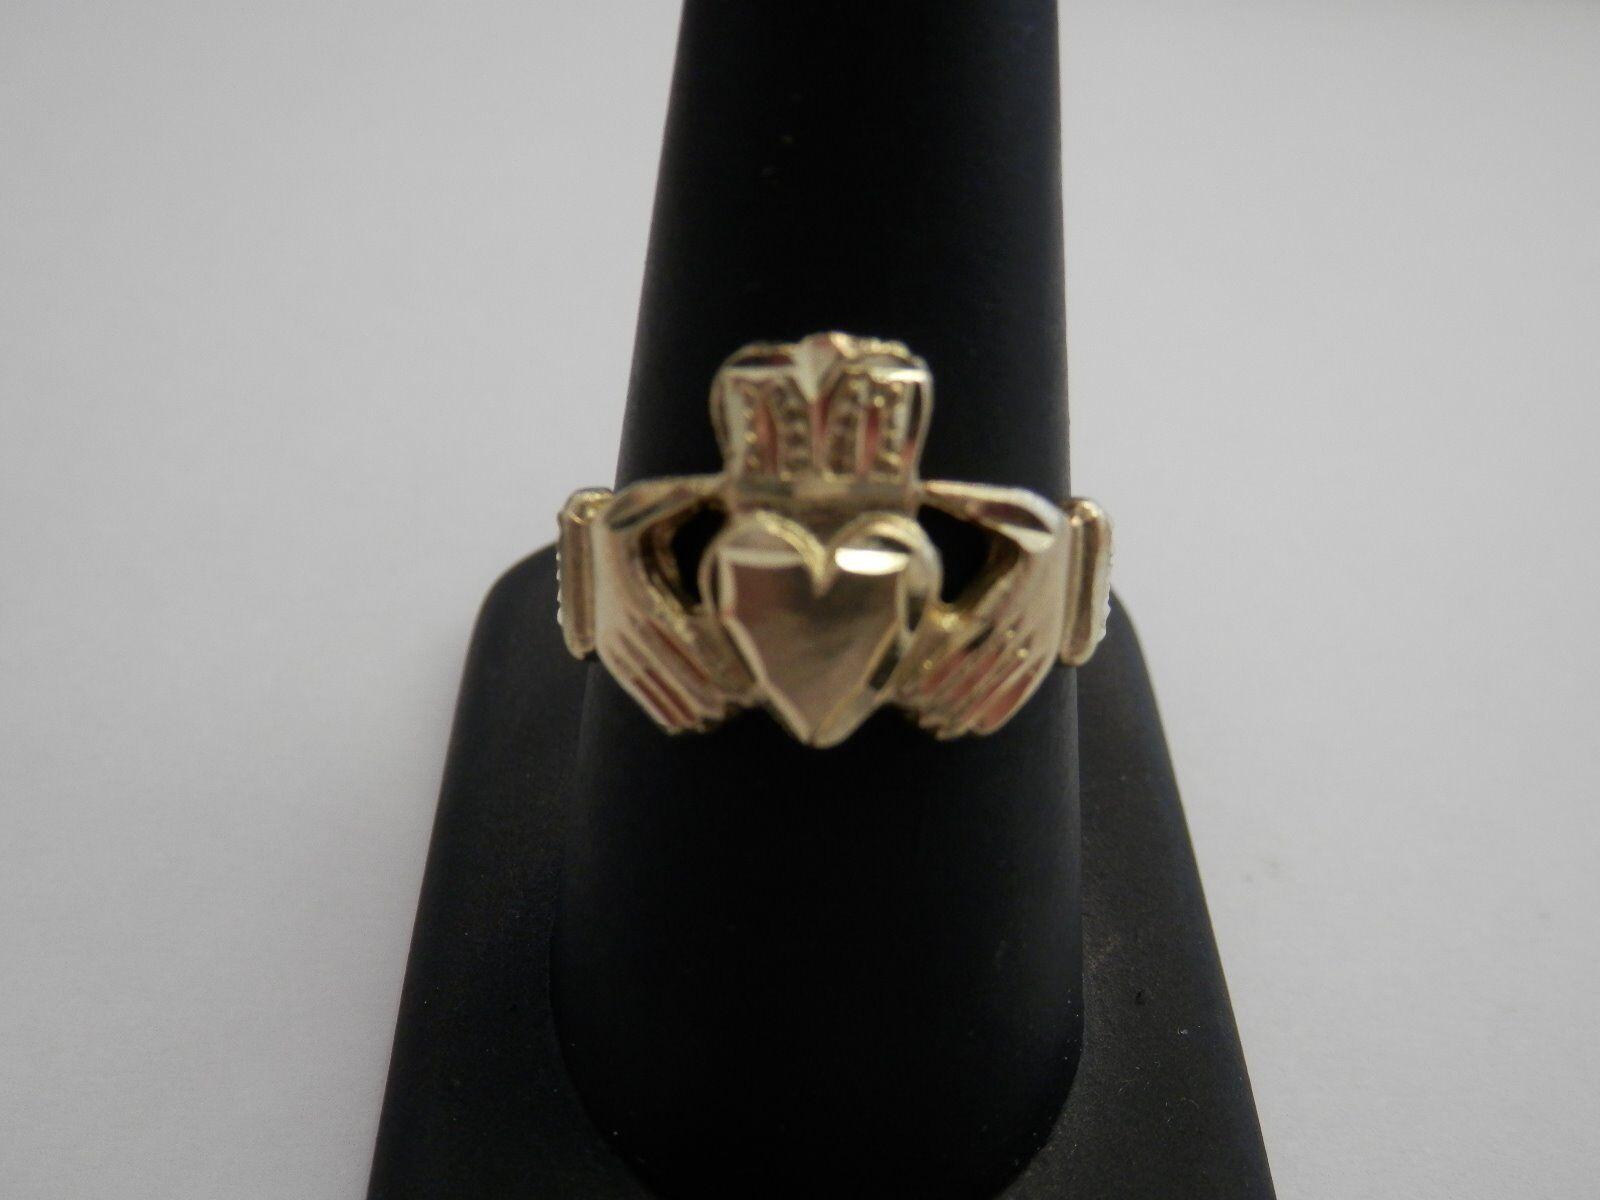 14 KARAT SOLID YELLOW gold IRISH CLADDAGH RING